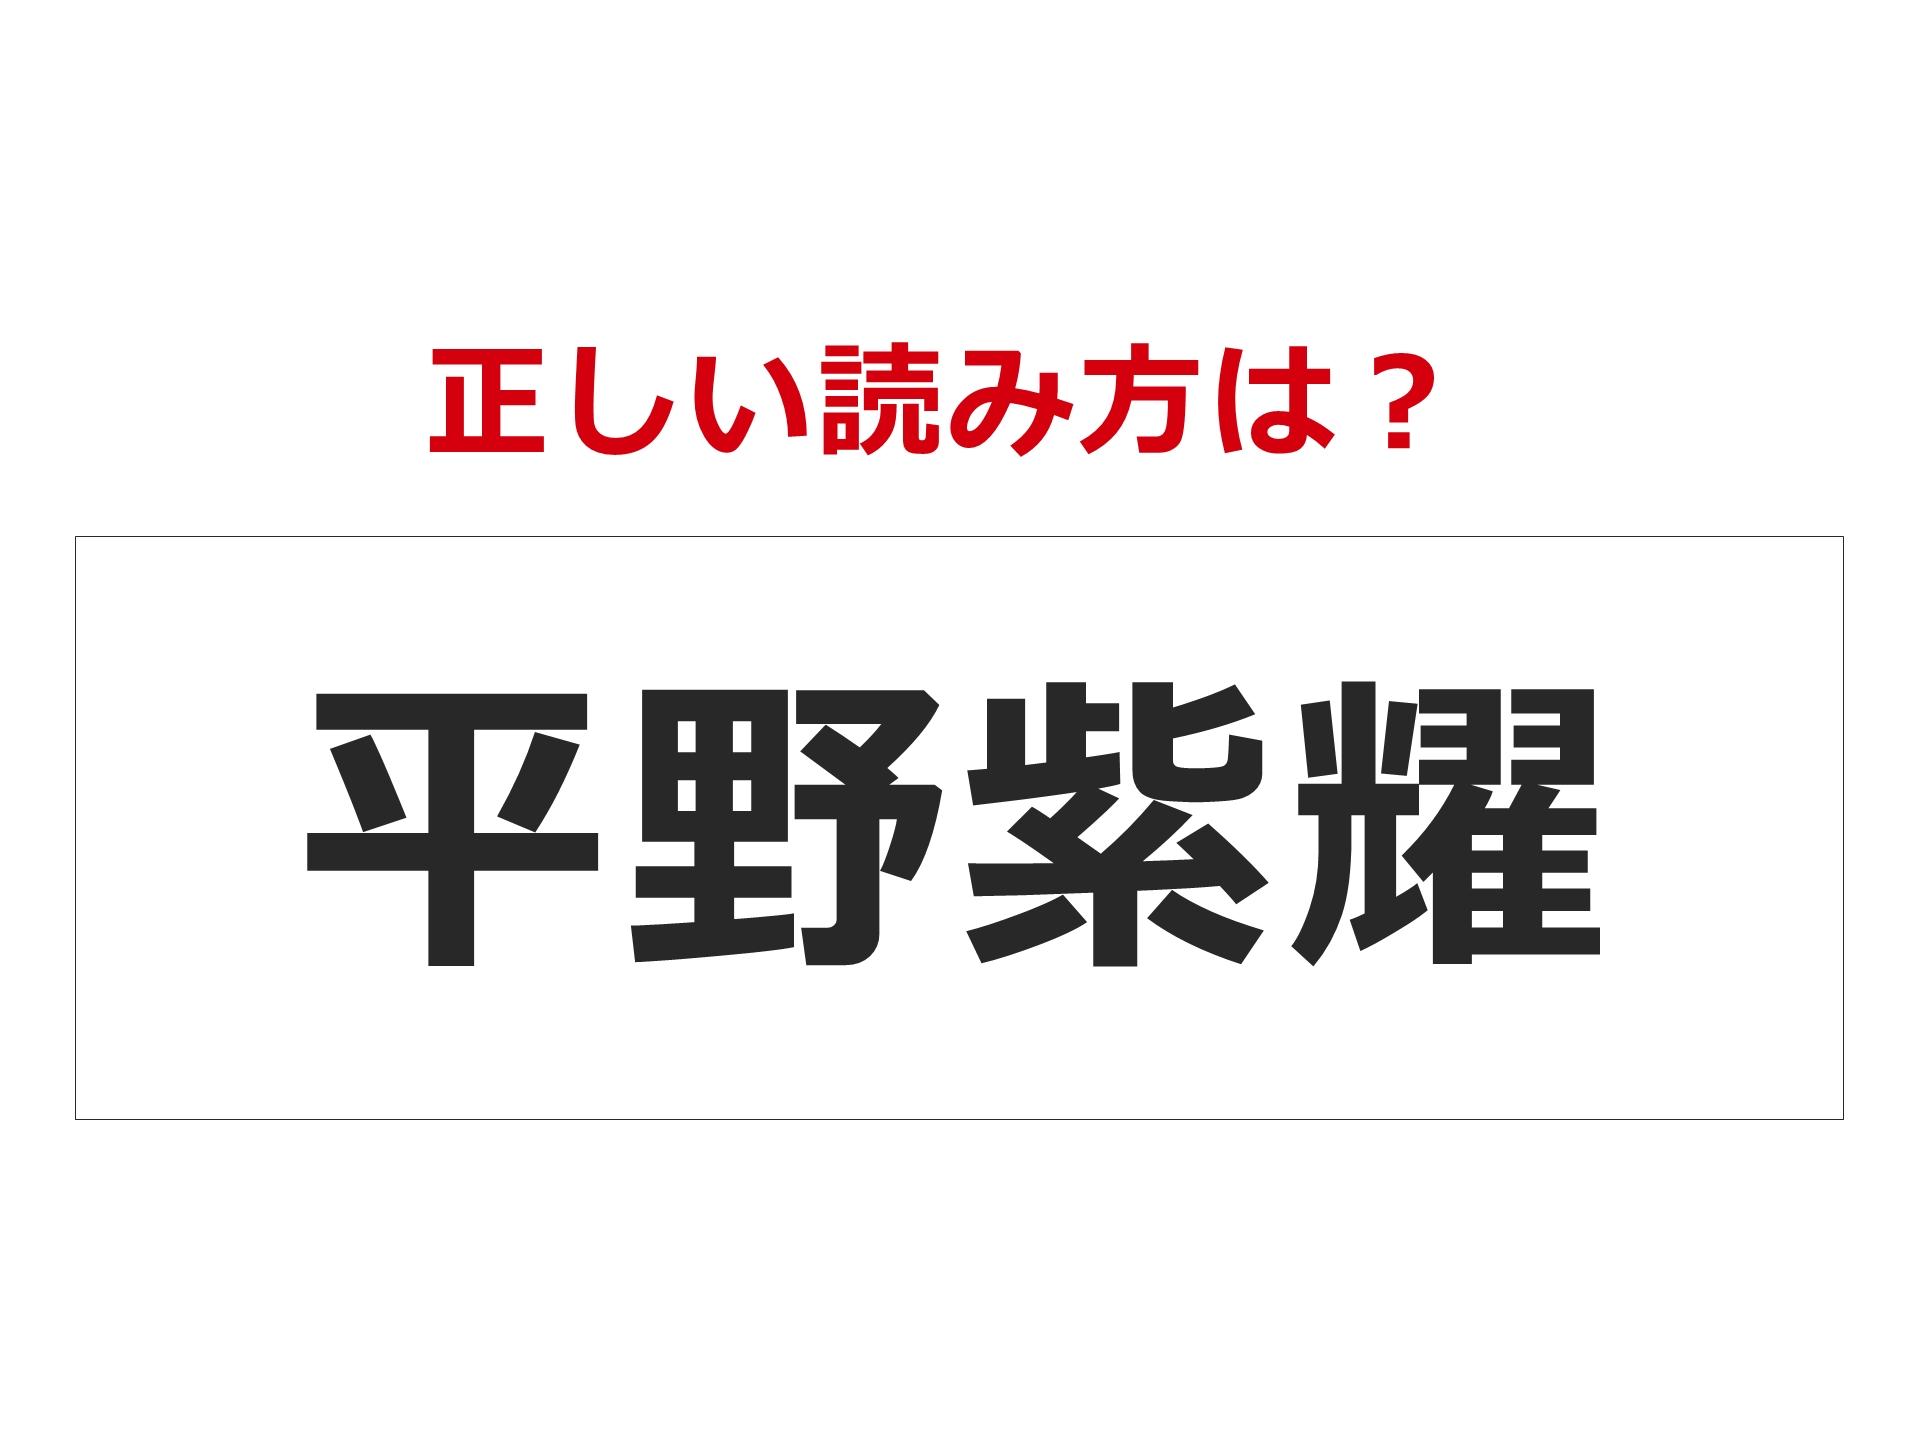 【正しい読み方は?】平野紫耀【意外と読めない芸能人の名前】